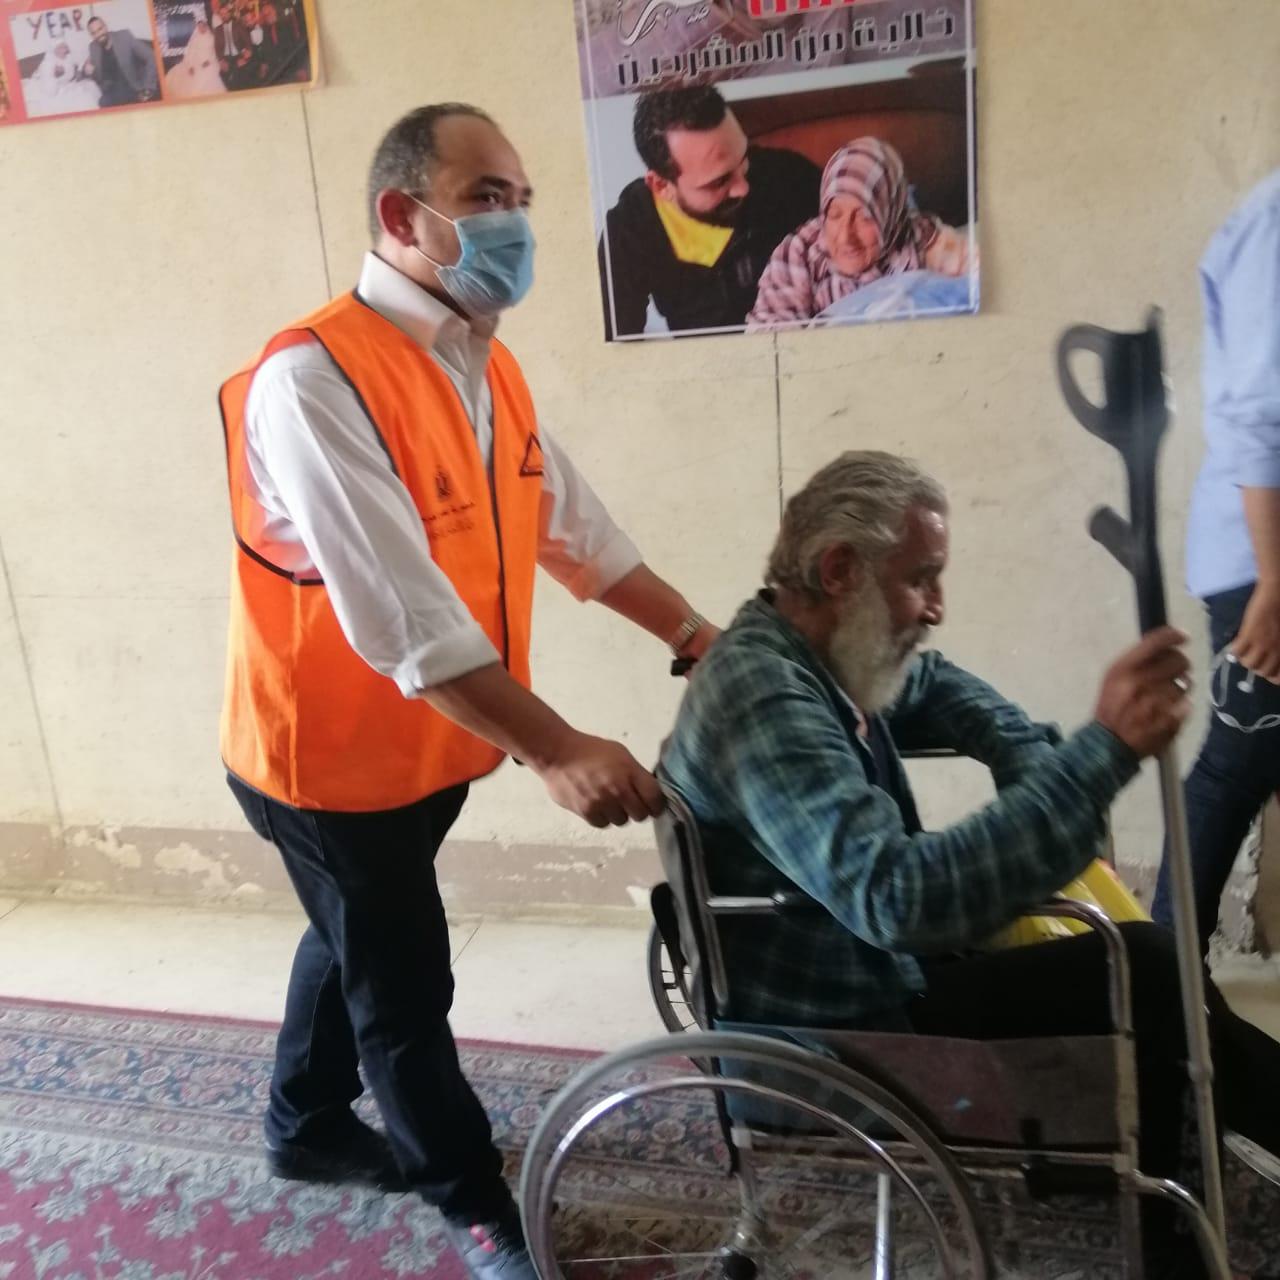 استقبال مسن بمؤسسة رعاية اجتماعية